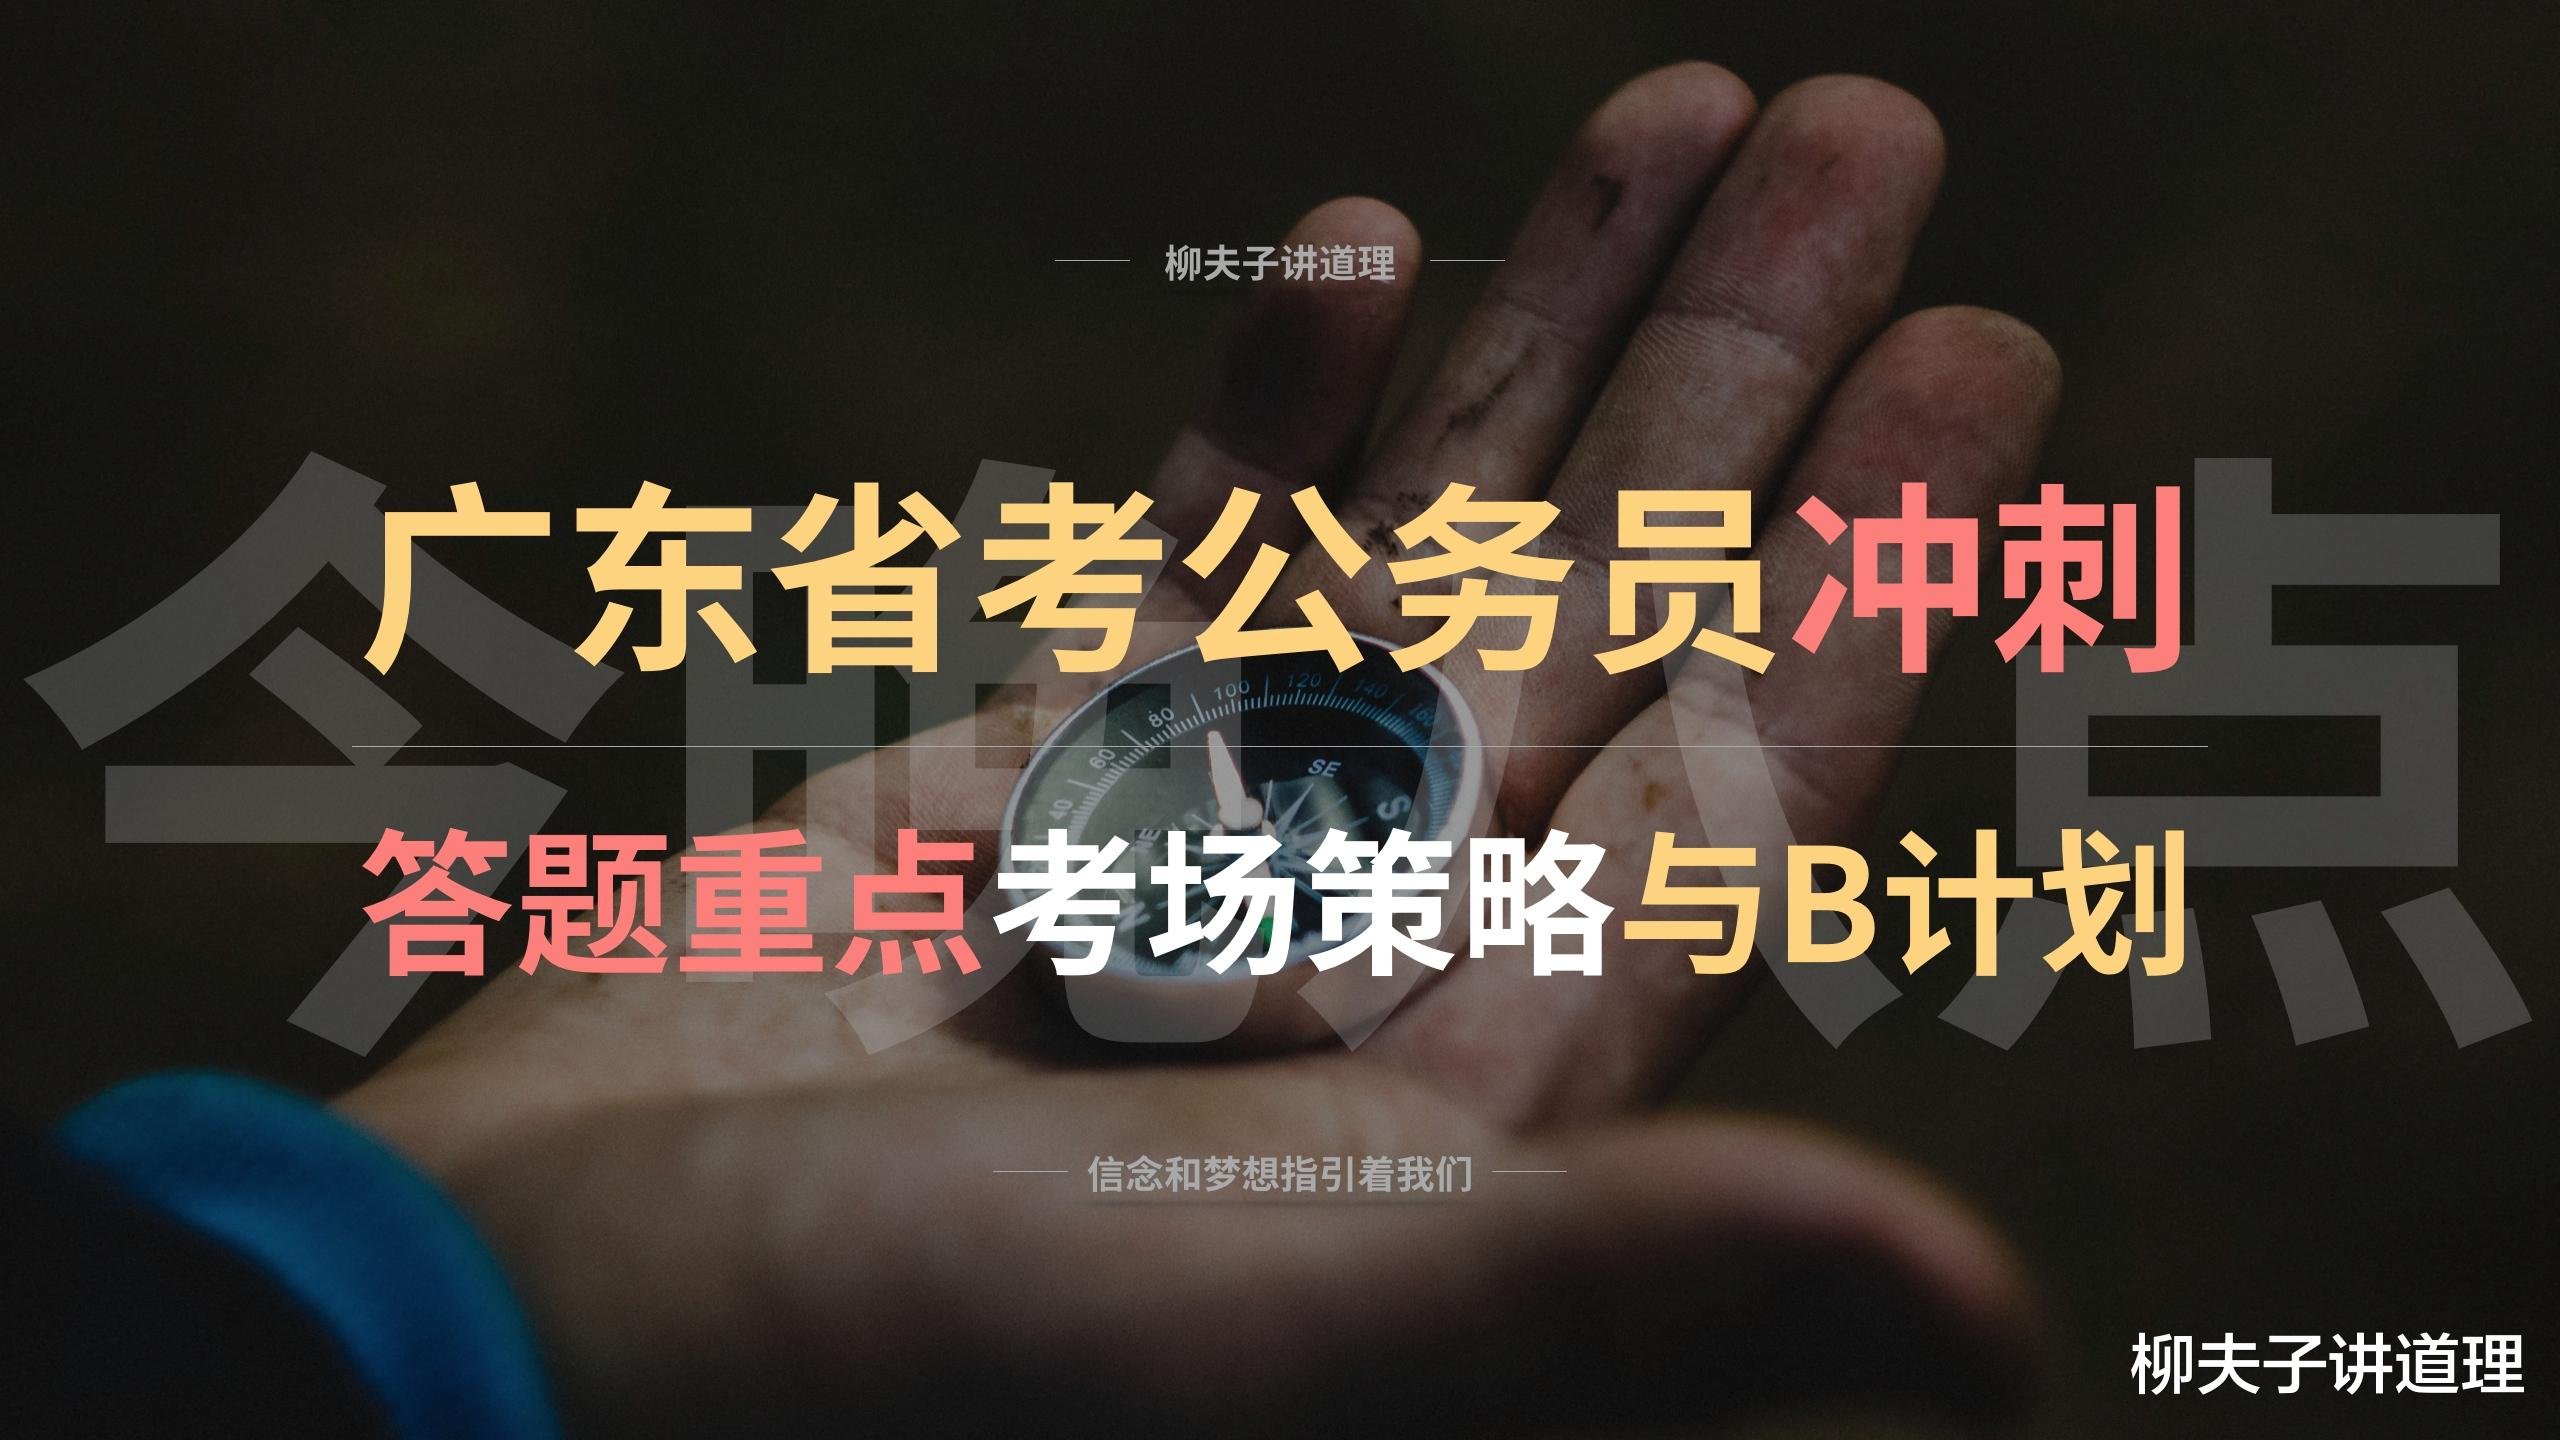 2021年广东省考公务员申论冲刺 县级乡镇级答题重点考场策略与B计划